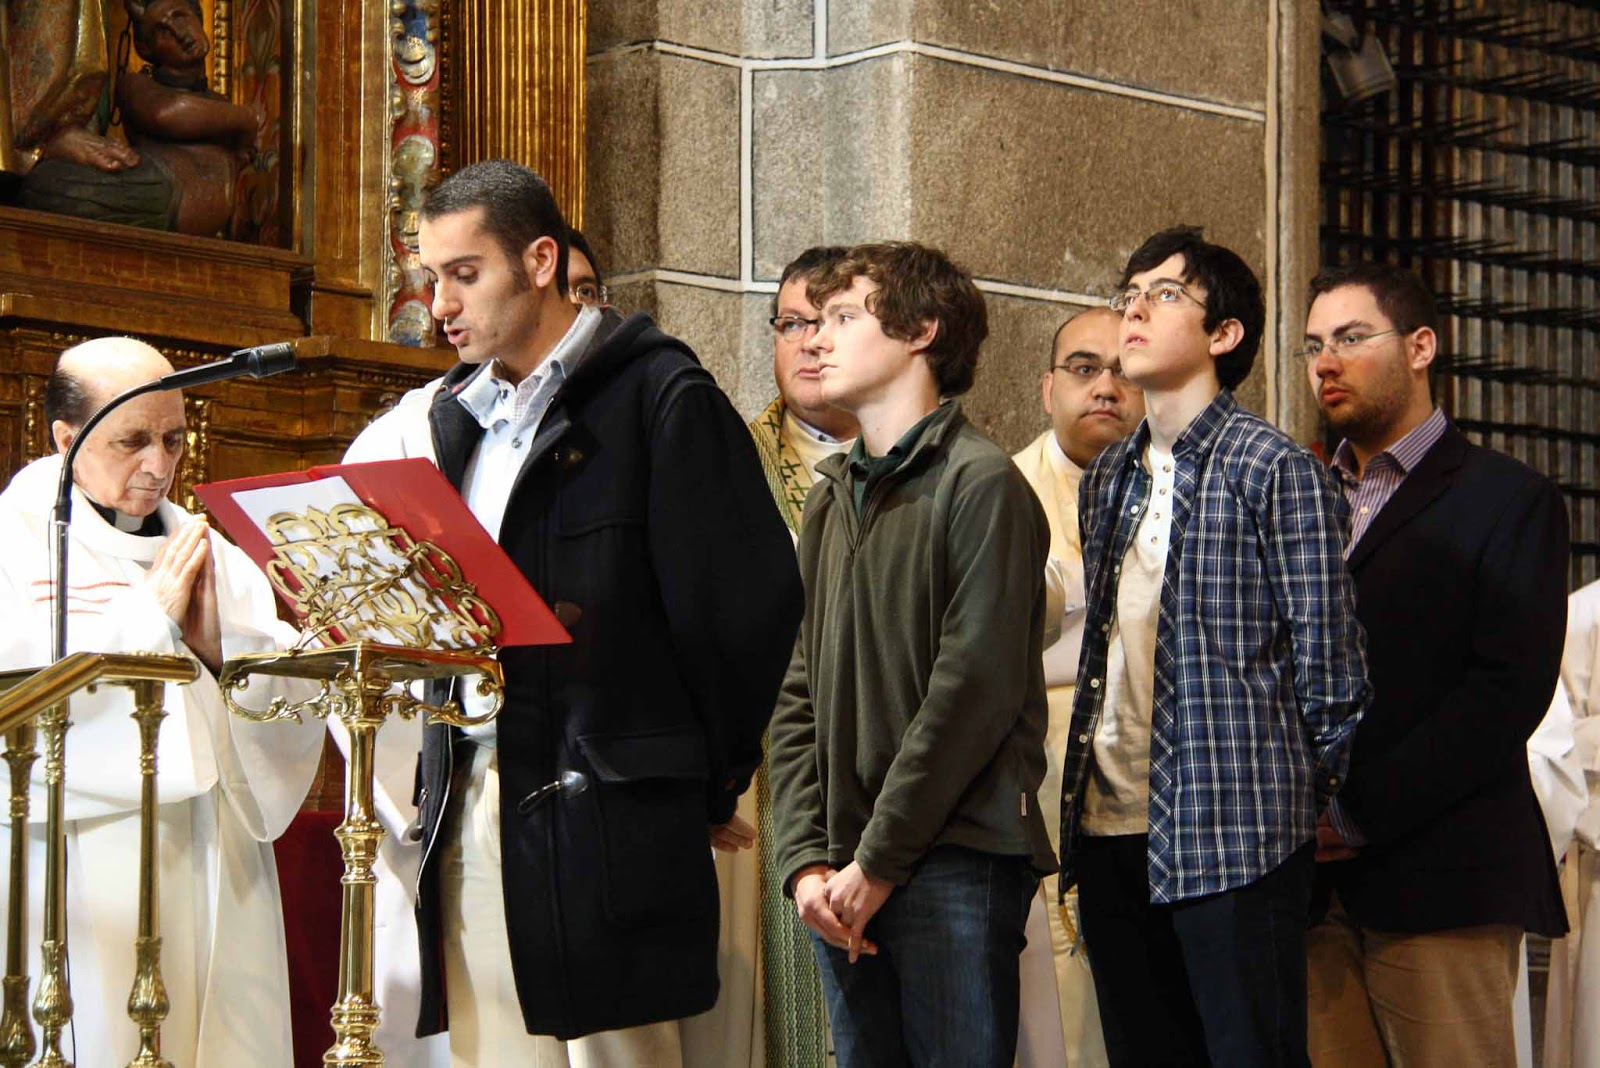 Formación Pastoral Para Laicos La Santa Misa Liturgia De La Palabra Credo Y Oración Universal